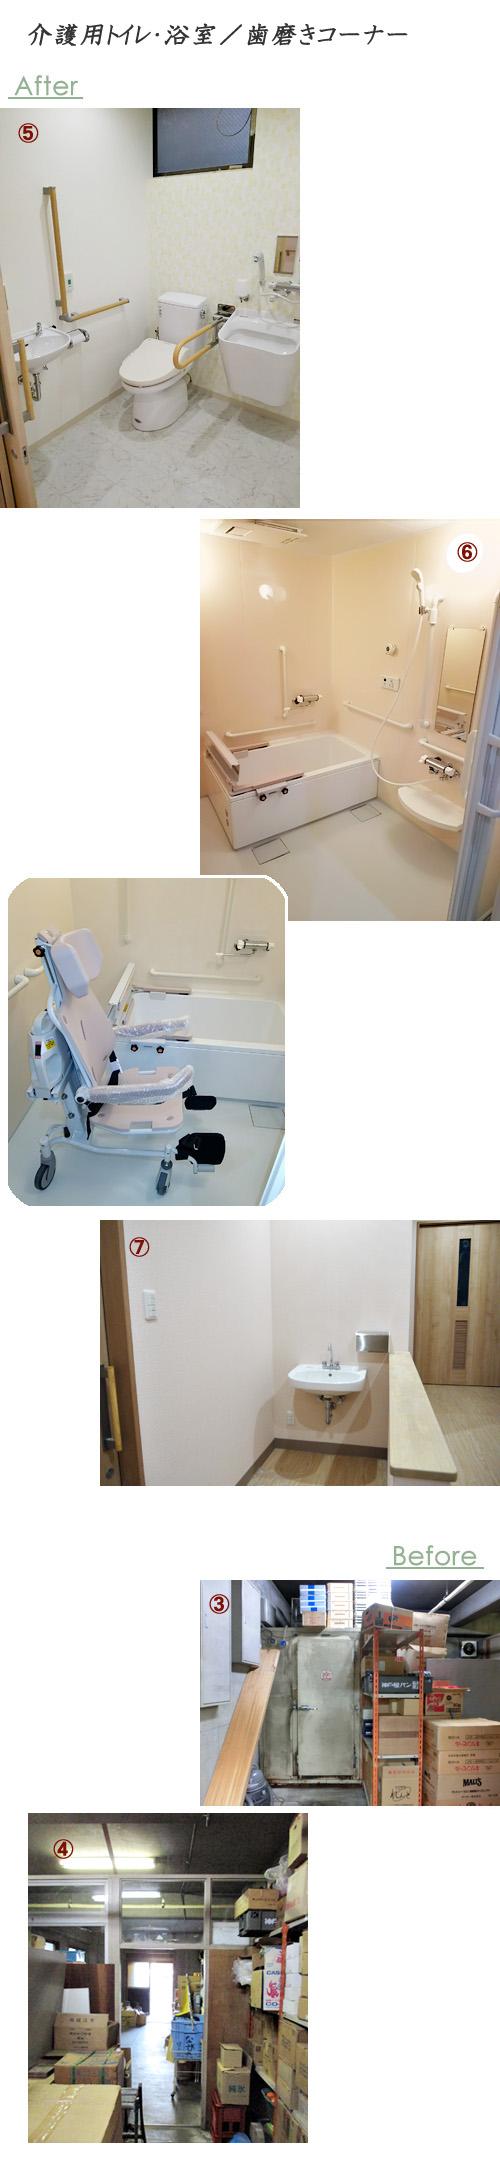 介護用トイレ・浴室・歯磨きコーナー